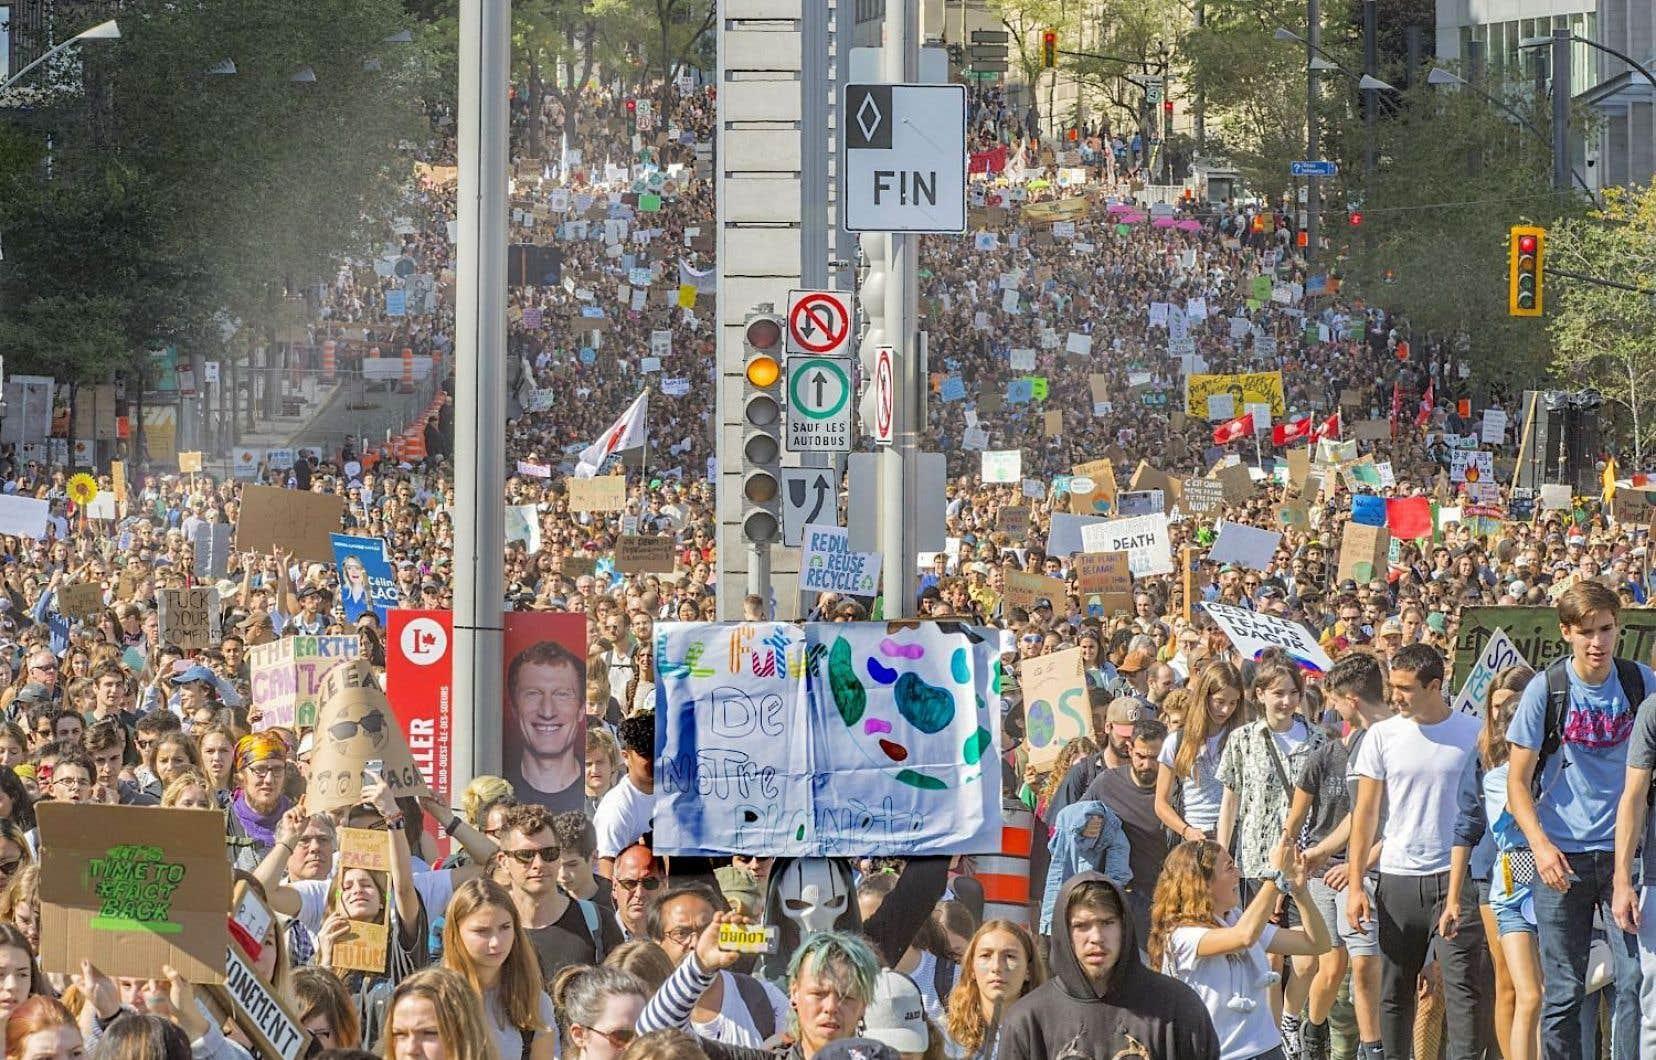 En septembre 2019, environ 500000 personnes avaient participé à l'imposante manifestation pour le climat à Montréal.